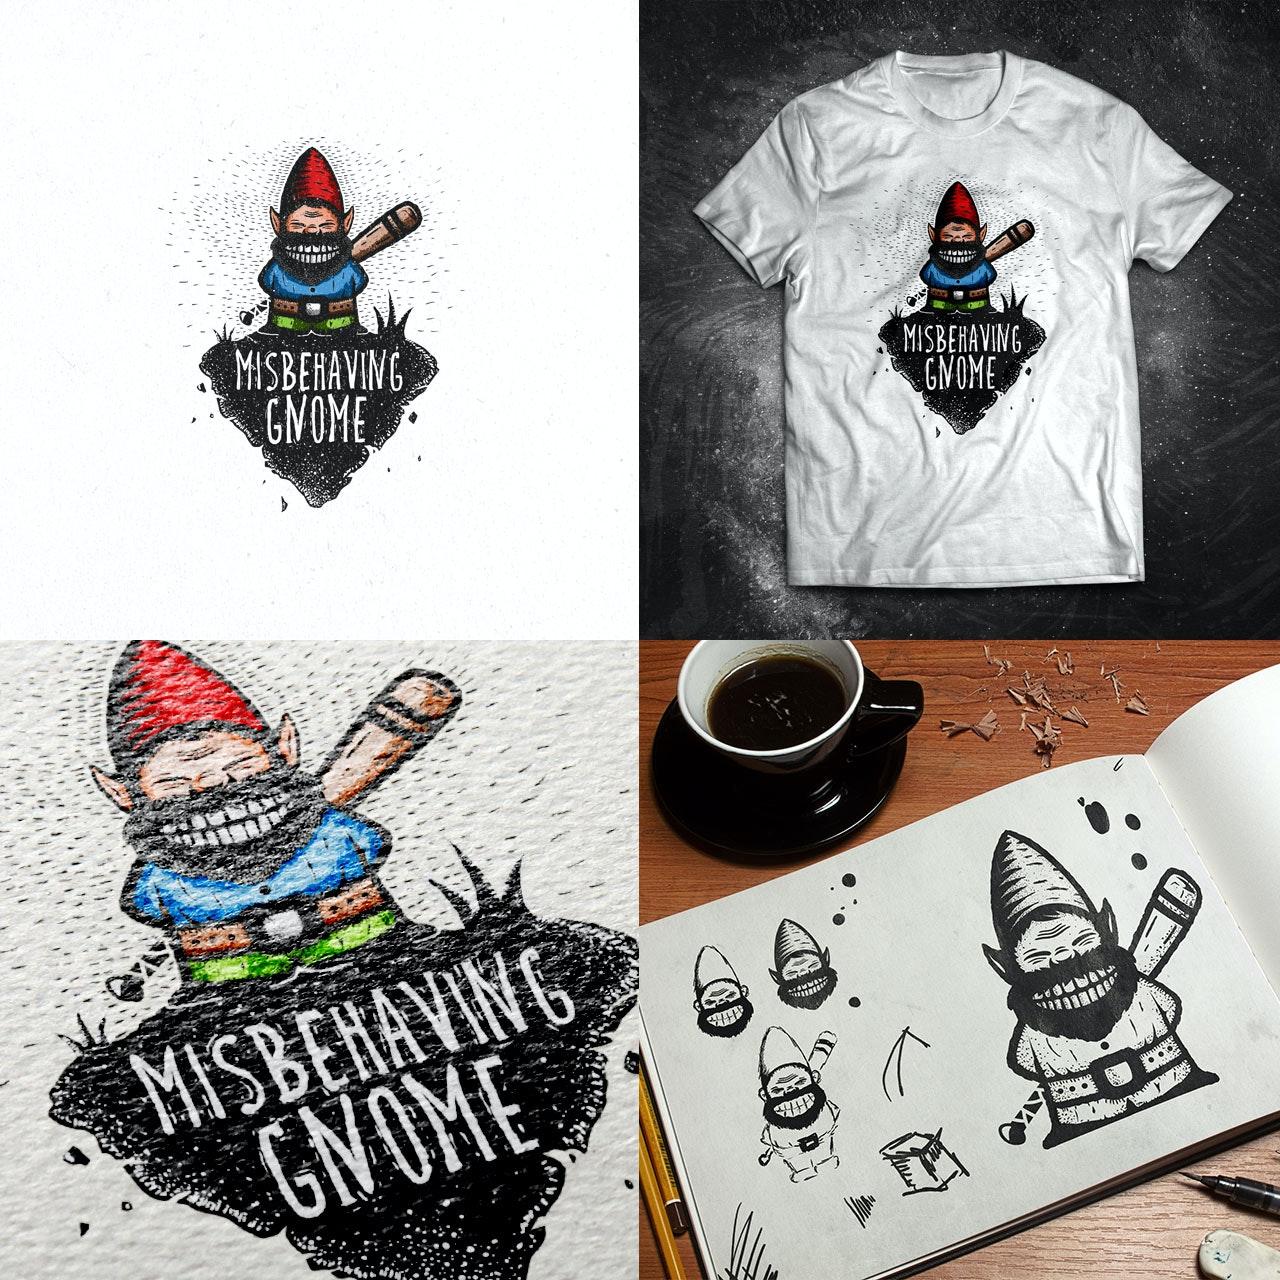 misbehaving gnome logo